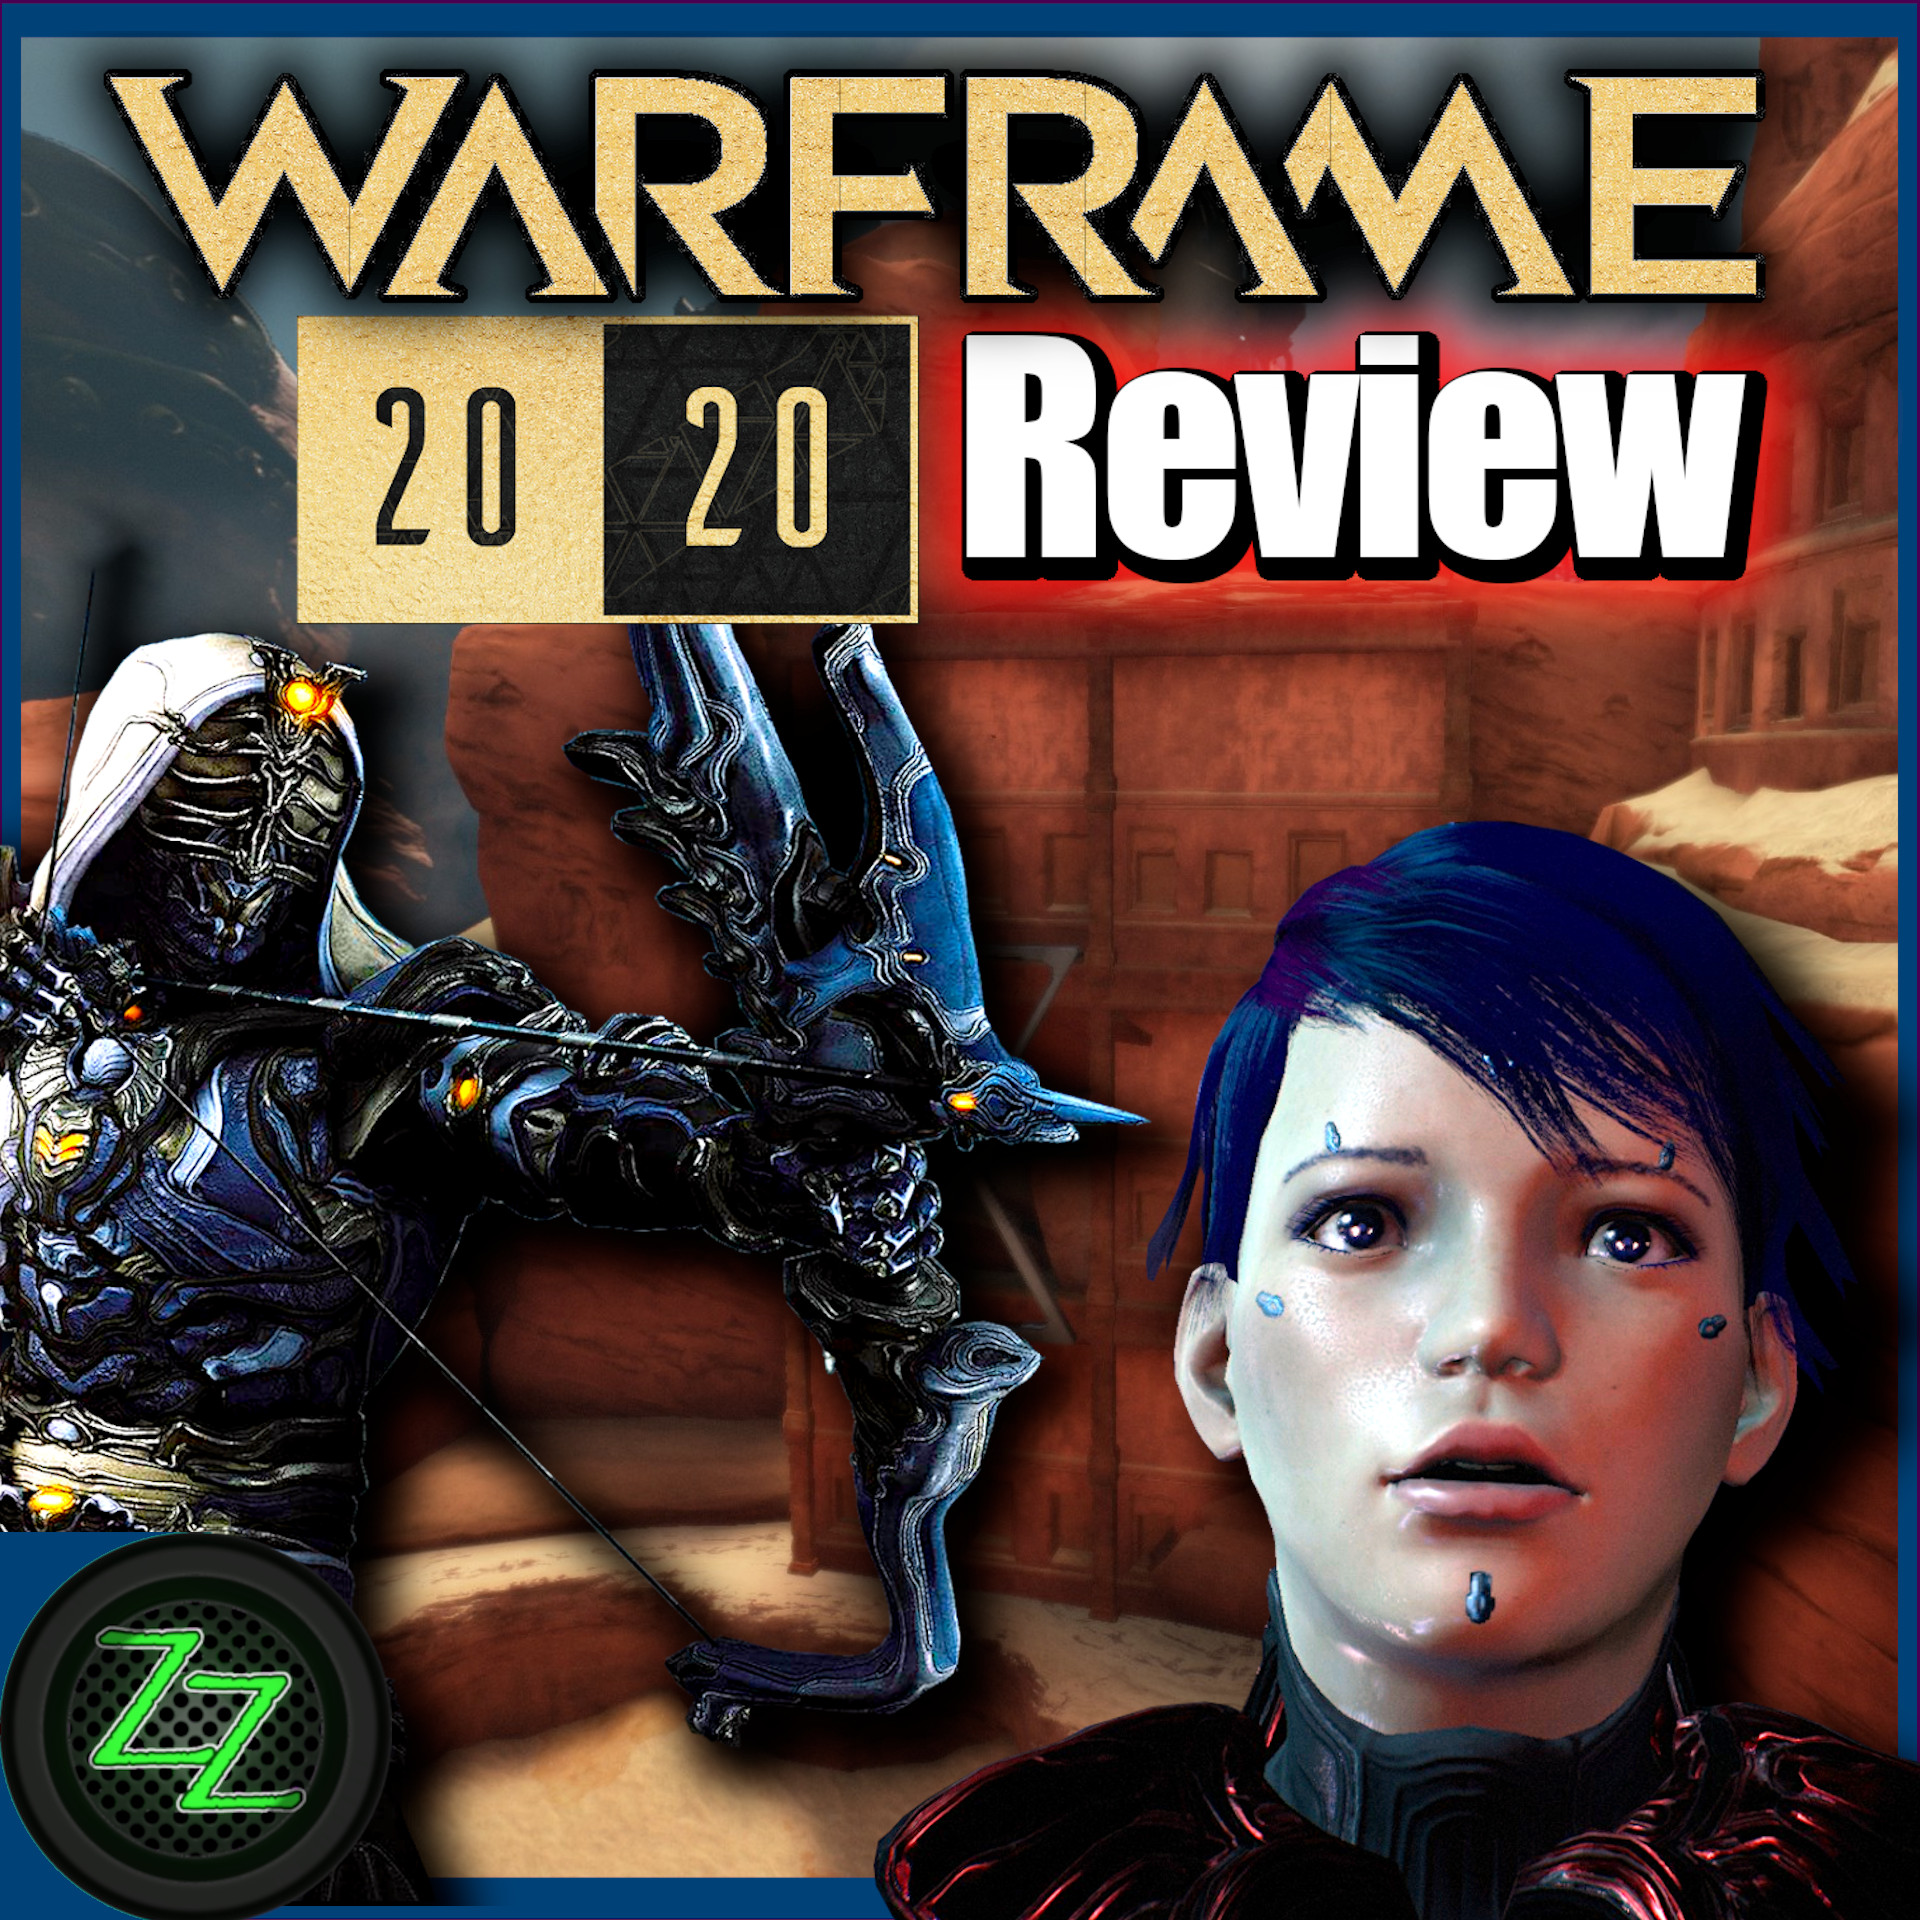 Warframe 2020 Review&Test des Sci-Fi Free2Play Koop MMO – 7 Jahre und kein bisschen Langweilig – by zapzockt.de